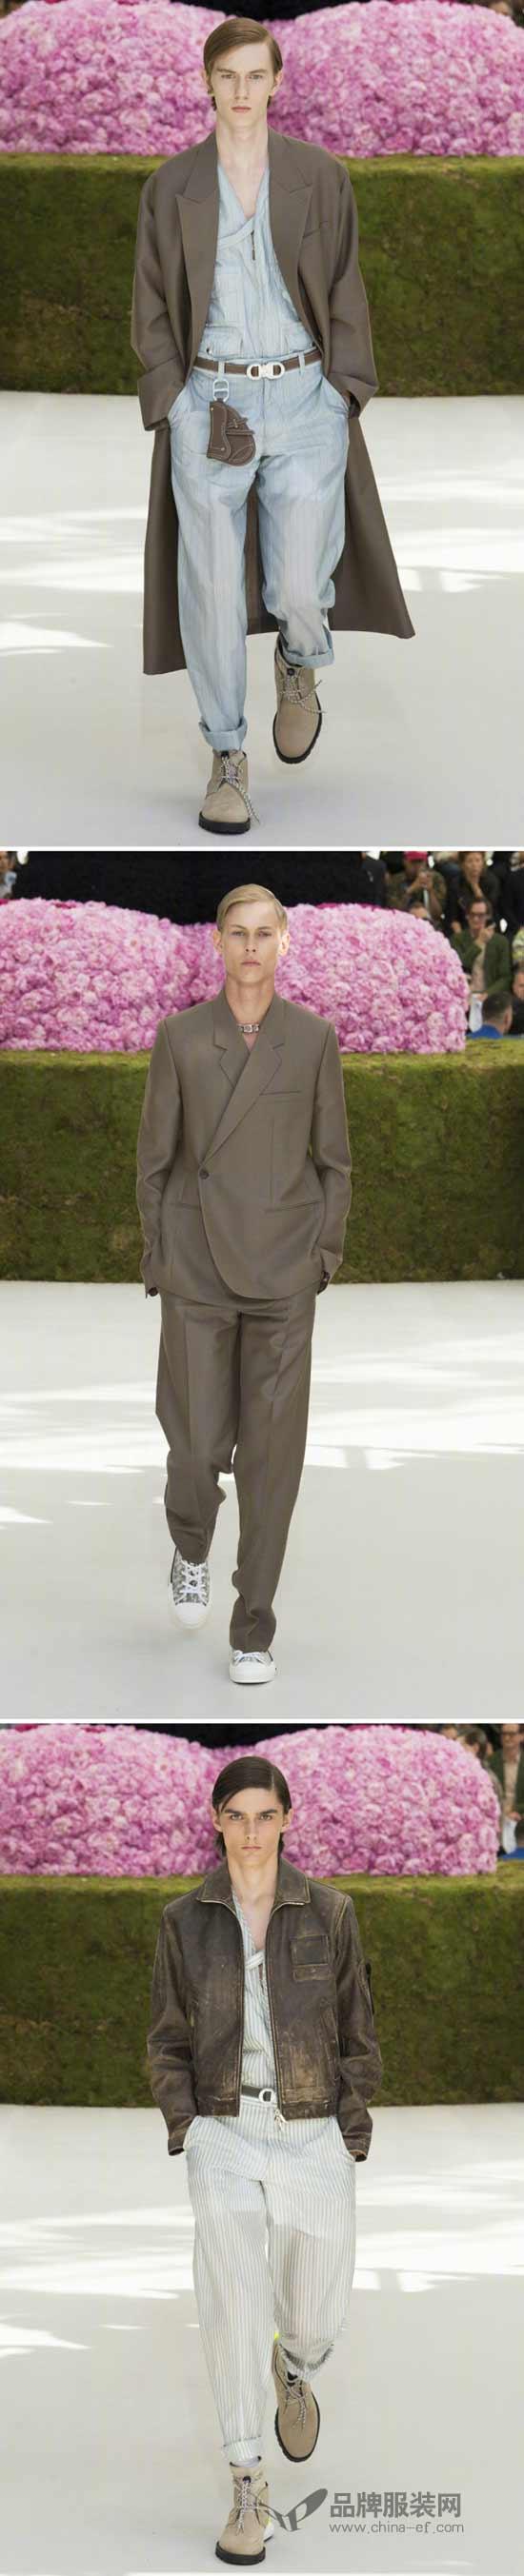 DIOR迪奥二零一九夏季男装系列新品发布秀 致敬迪奥先生